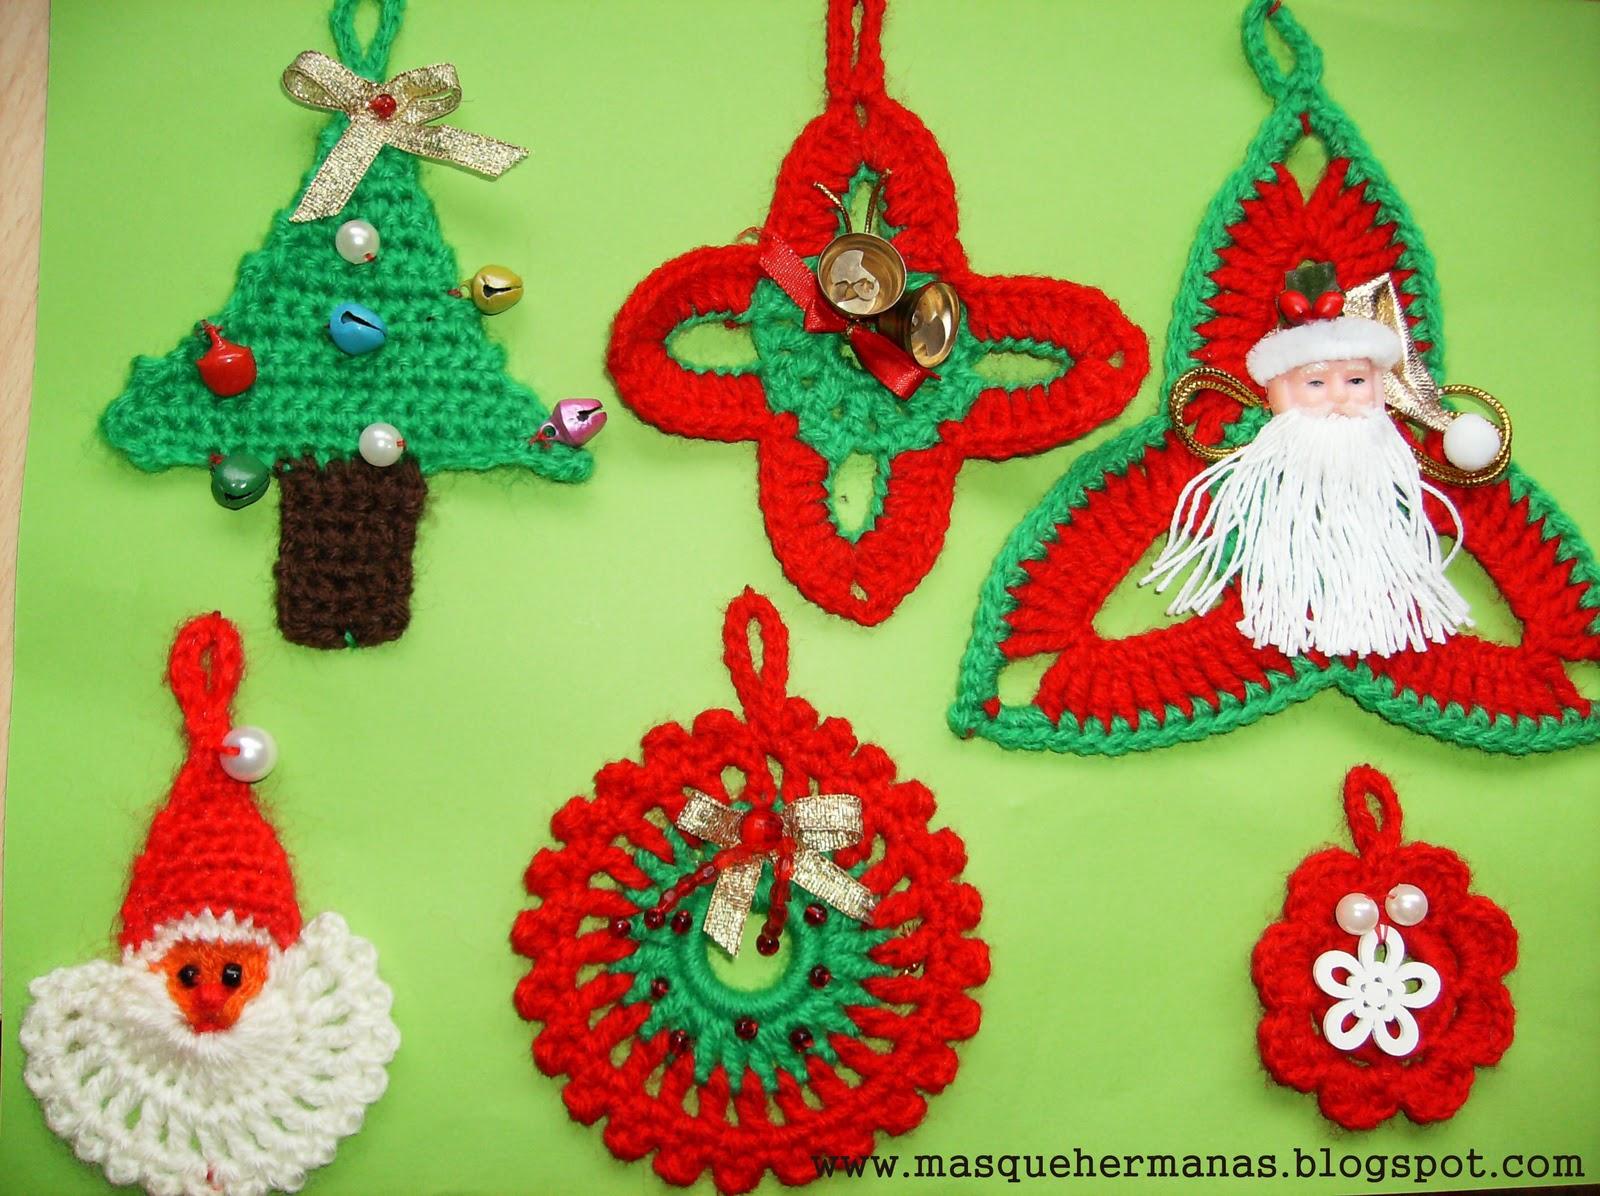 M s que hermanas adornos navide os en crochet - Como realizar adornos navidenos ...